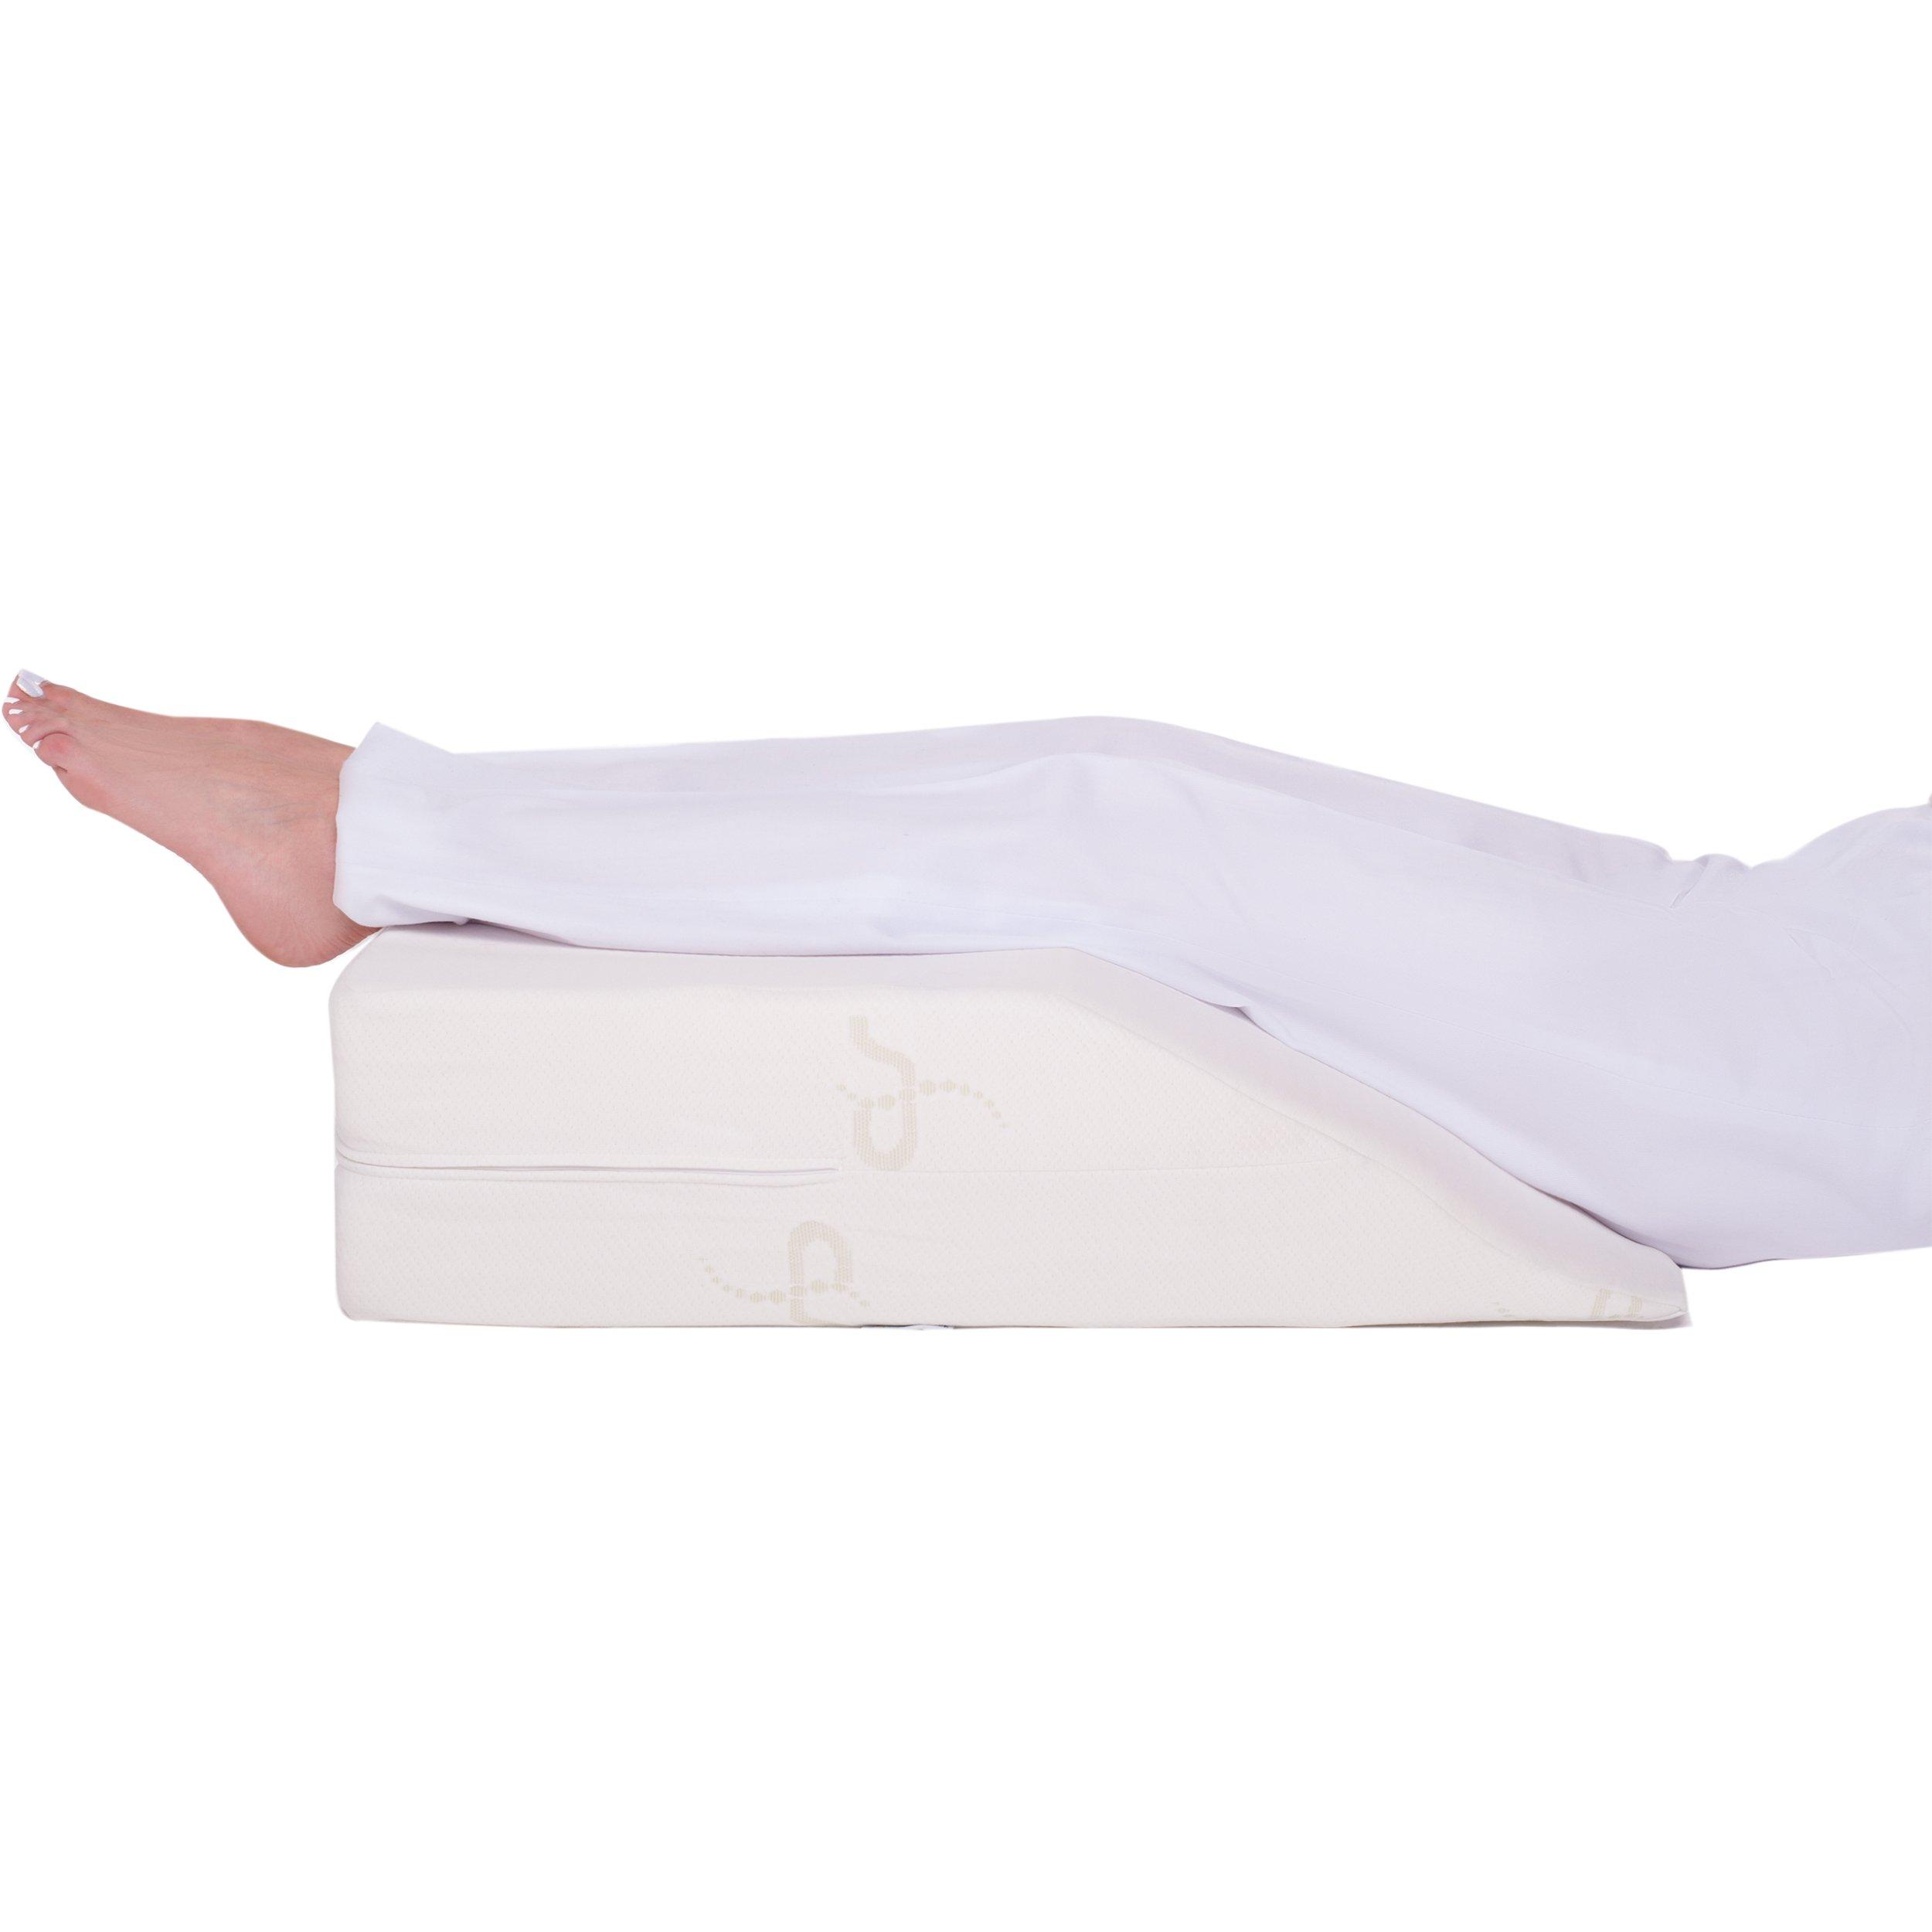 cuscino prostatite ebay